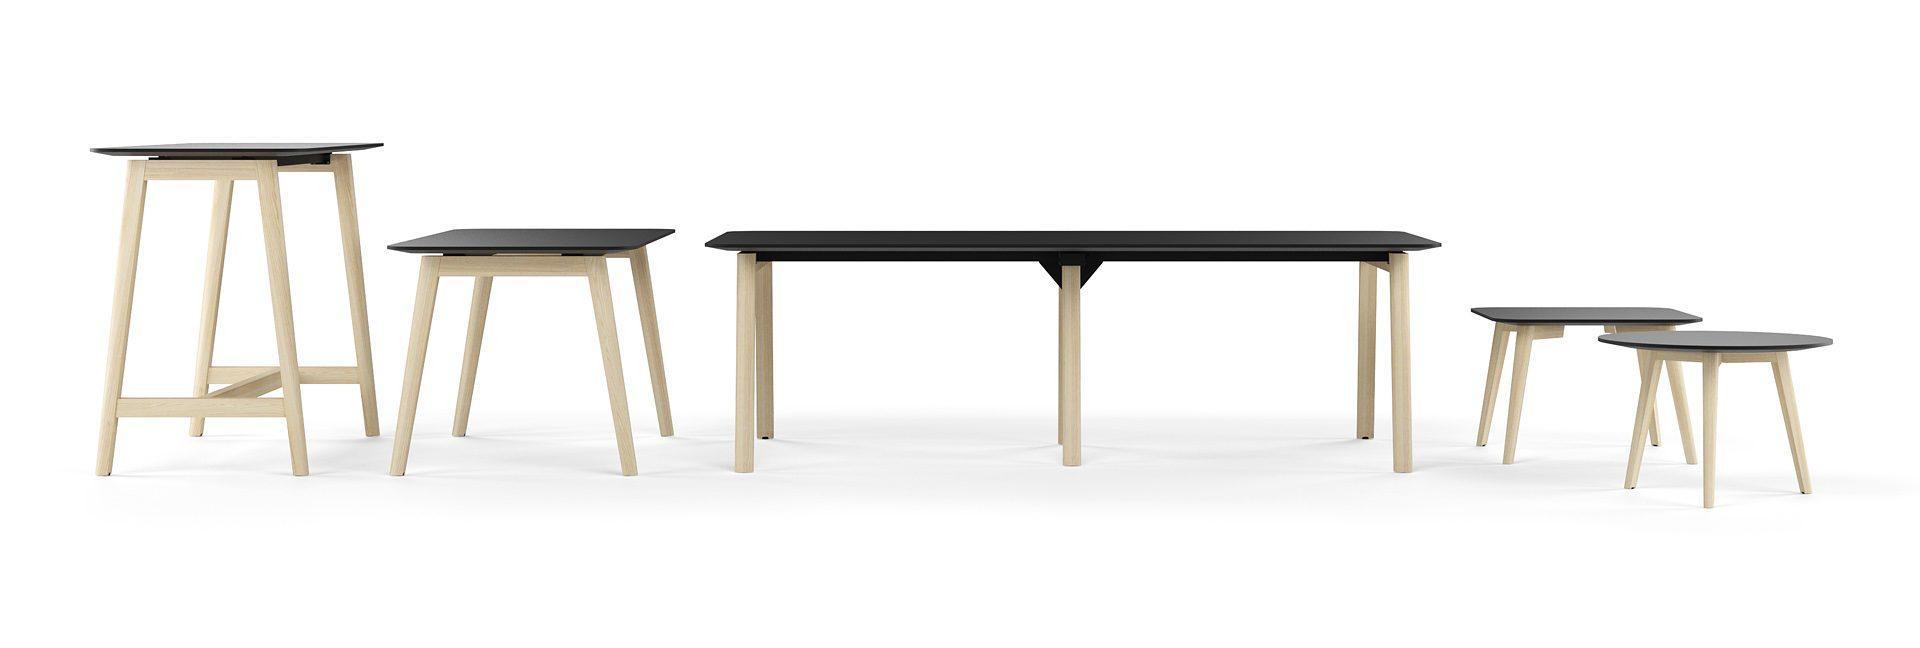 Sapulču galds NOVA Wood birojiem un kopstrādes telpām